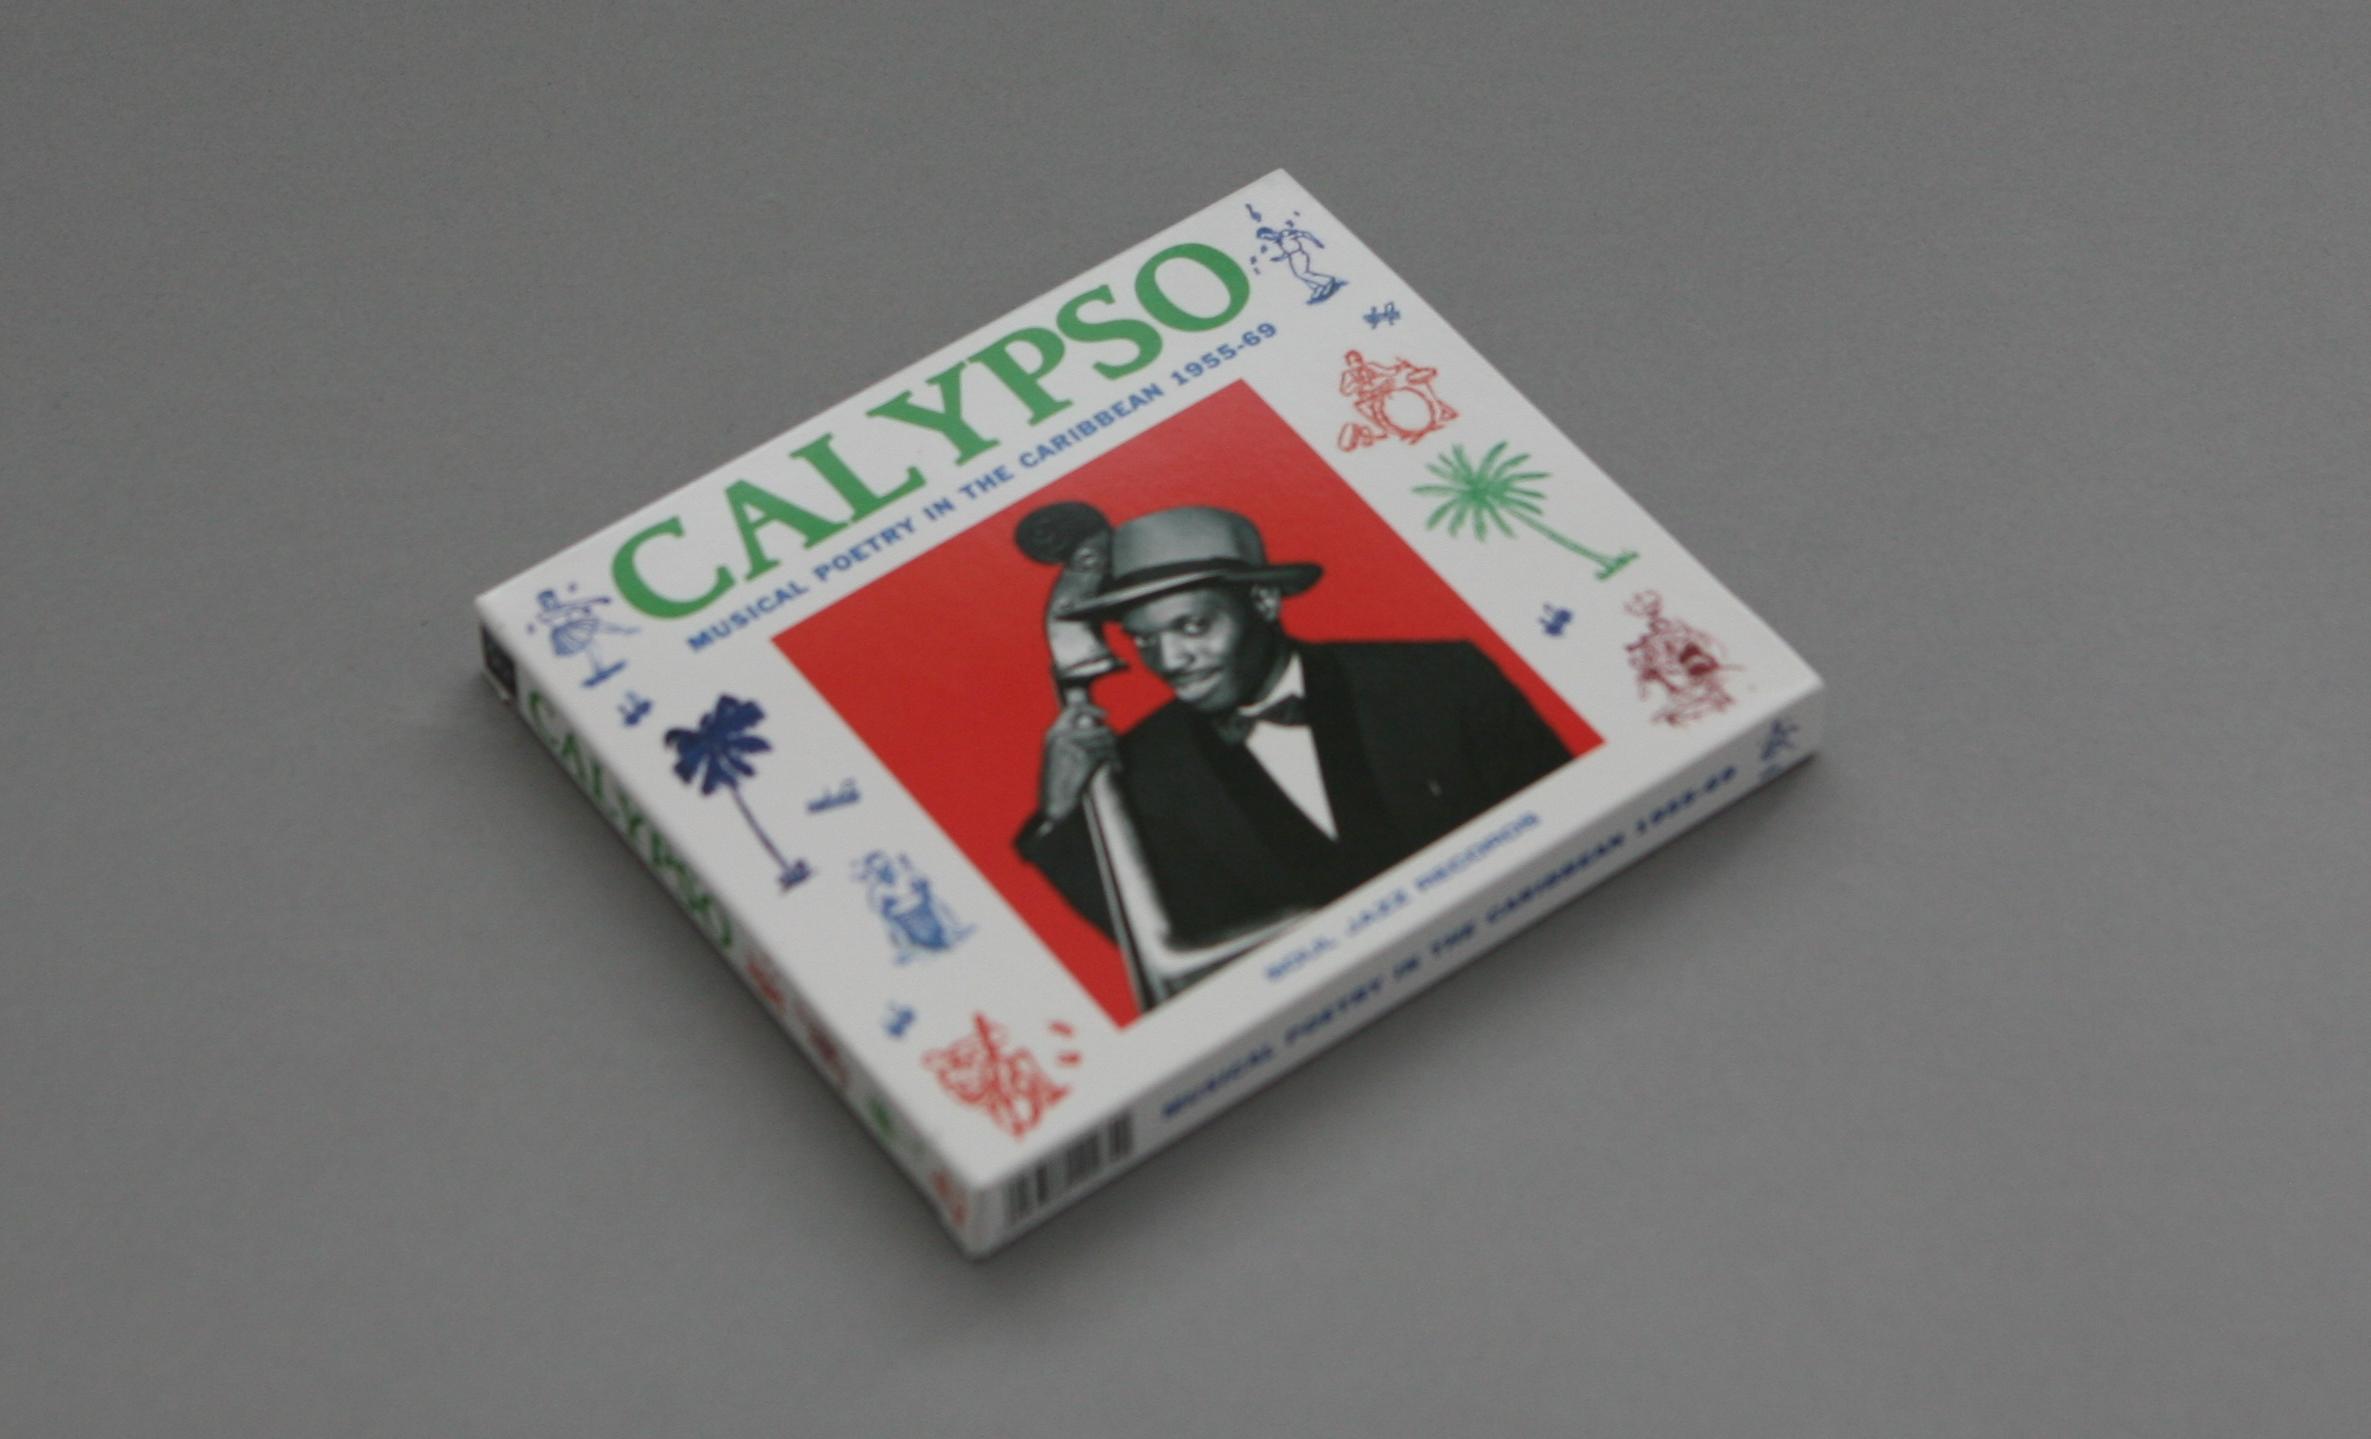 Calypso, Soul Jazz, Review